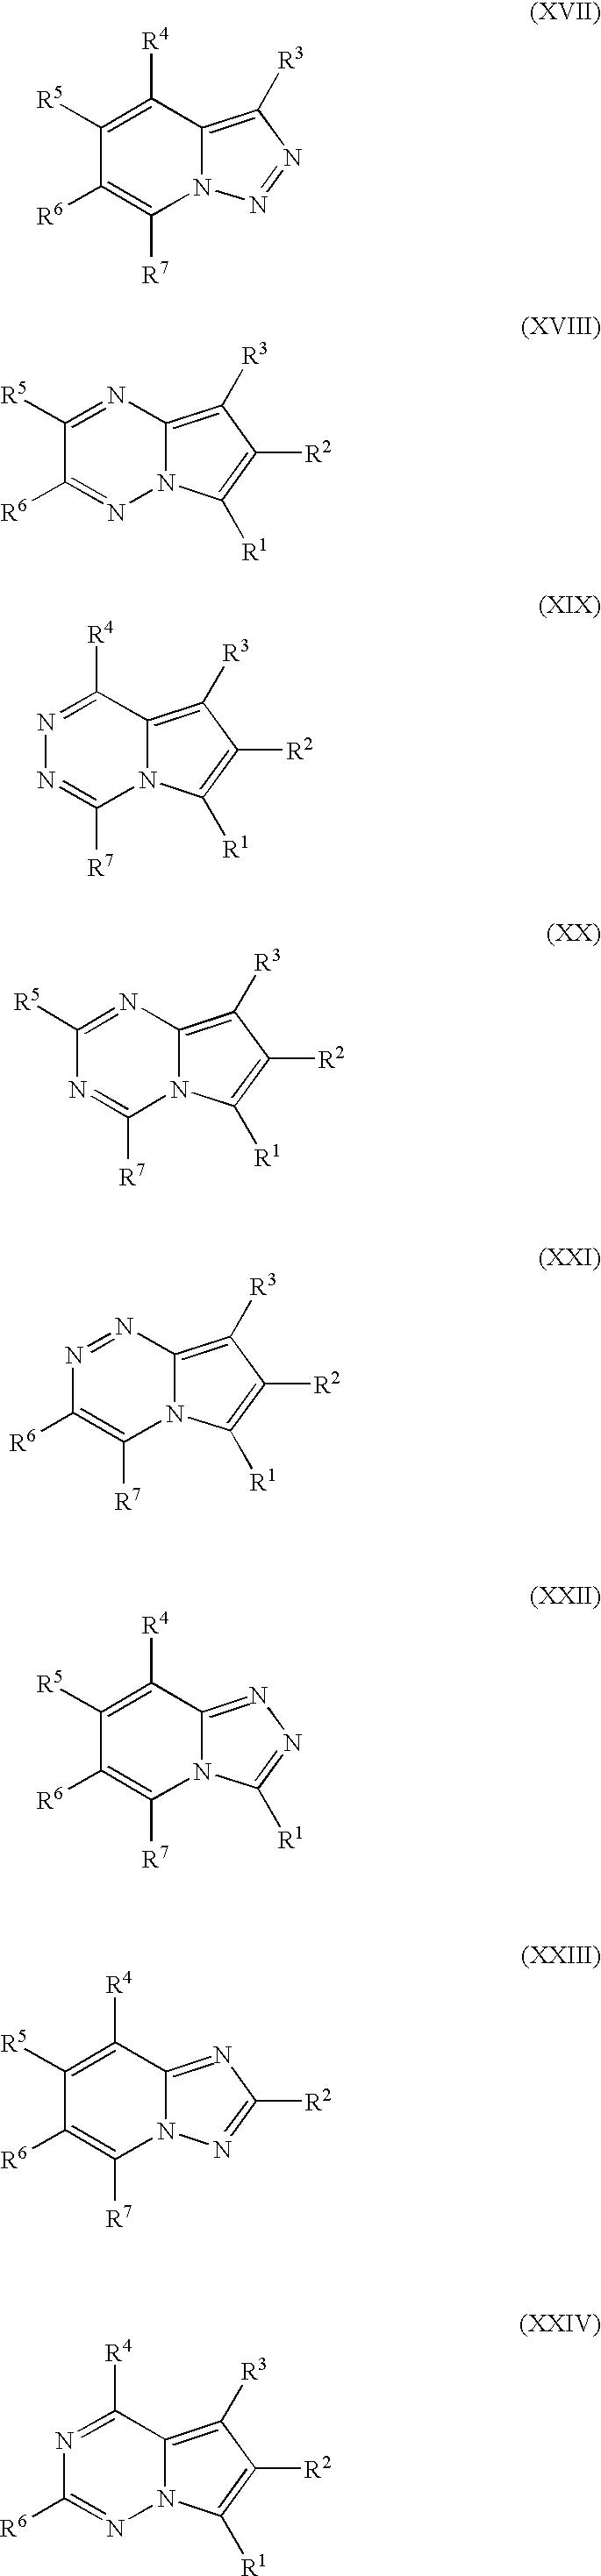 Figure US07288123-20071030-C00046